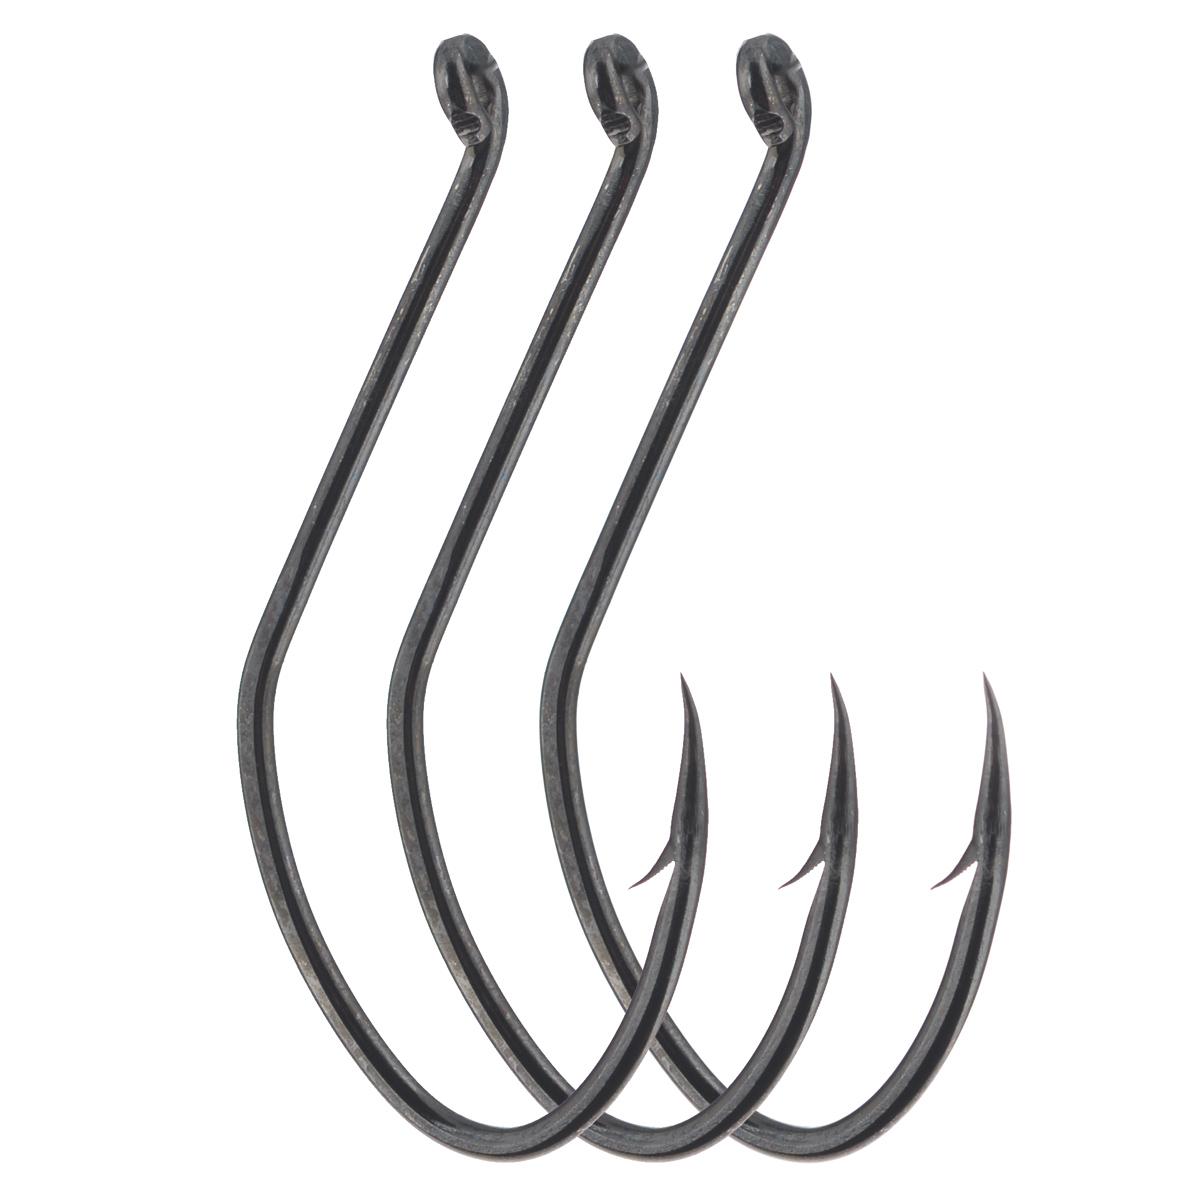 Крючки рыболовные Cobra Catfish, цвет: черный, размер 8/0, 3 штLJ4100-015Прочные крючки Cobra Catfish для ловли трофейной рыбы, прекрасно удерживает различные насадки. Данные крючки хорошо себя зарекомендовали при ловле на живую насадку - своим весом они не стесняют ее движений. Благодаря специальной заточке жала, крючок легко пробивает прочную хрящевую и костную ткань. Чуть отогнутое назад колечко позволяет привязывать крючок к леске различными способами.